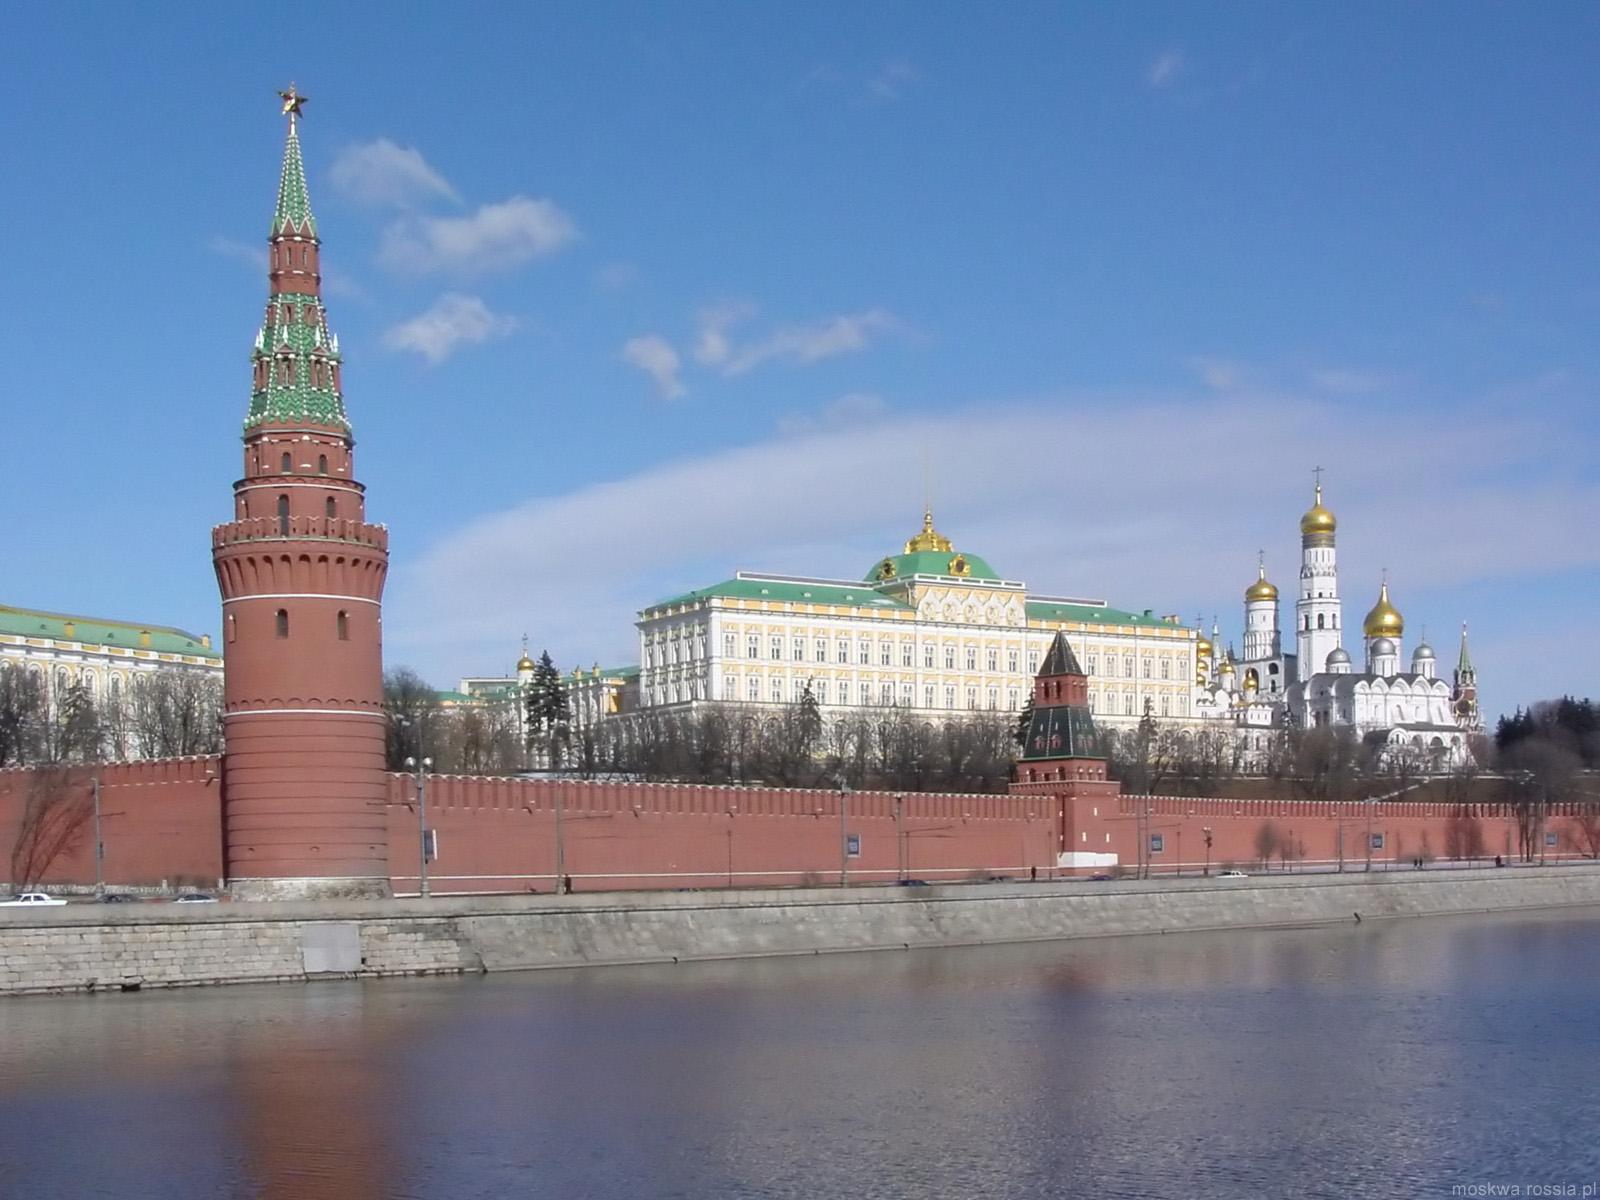 FINMARKET.RU- Москва хотела бы создать единую валюту Евразийского